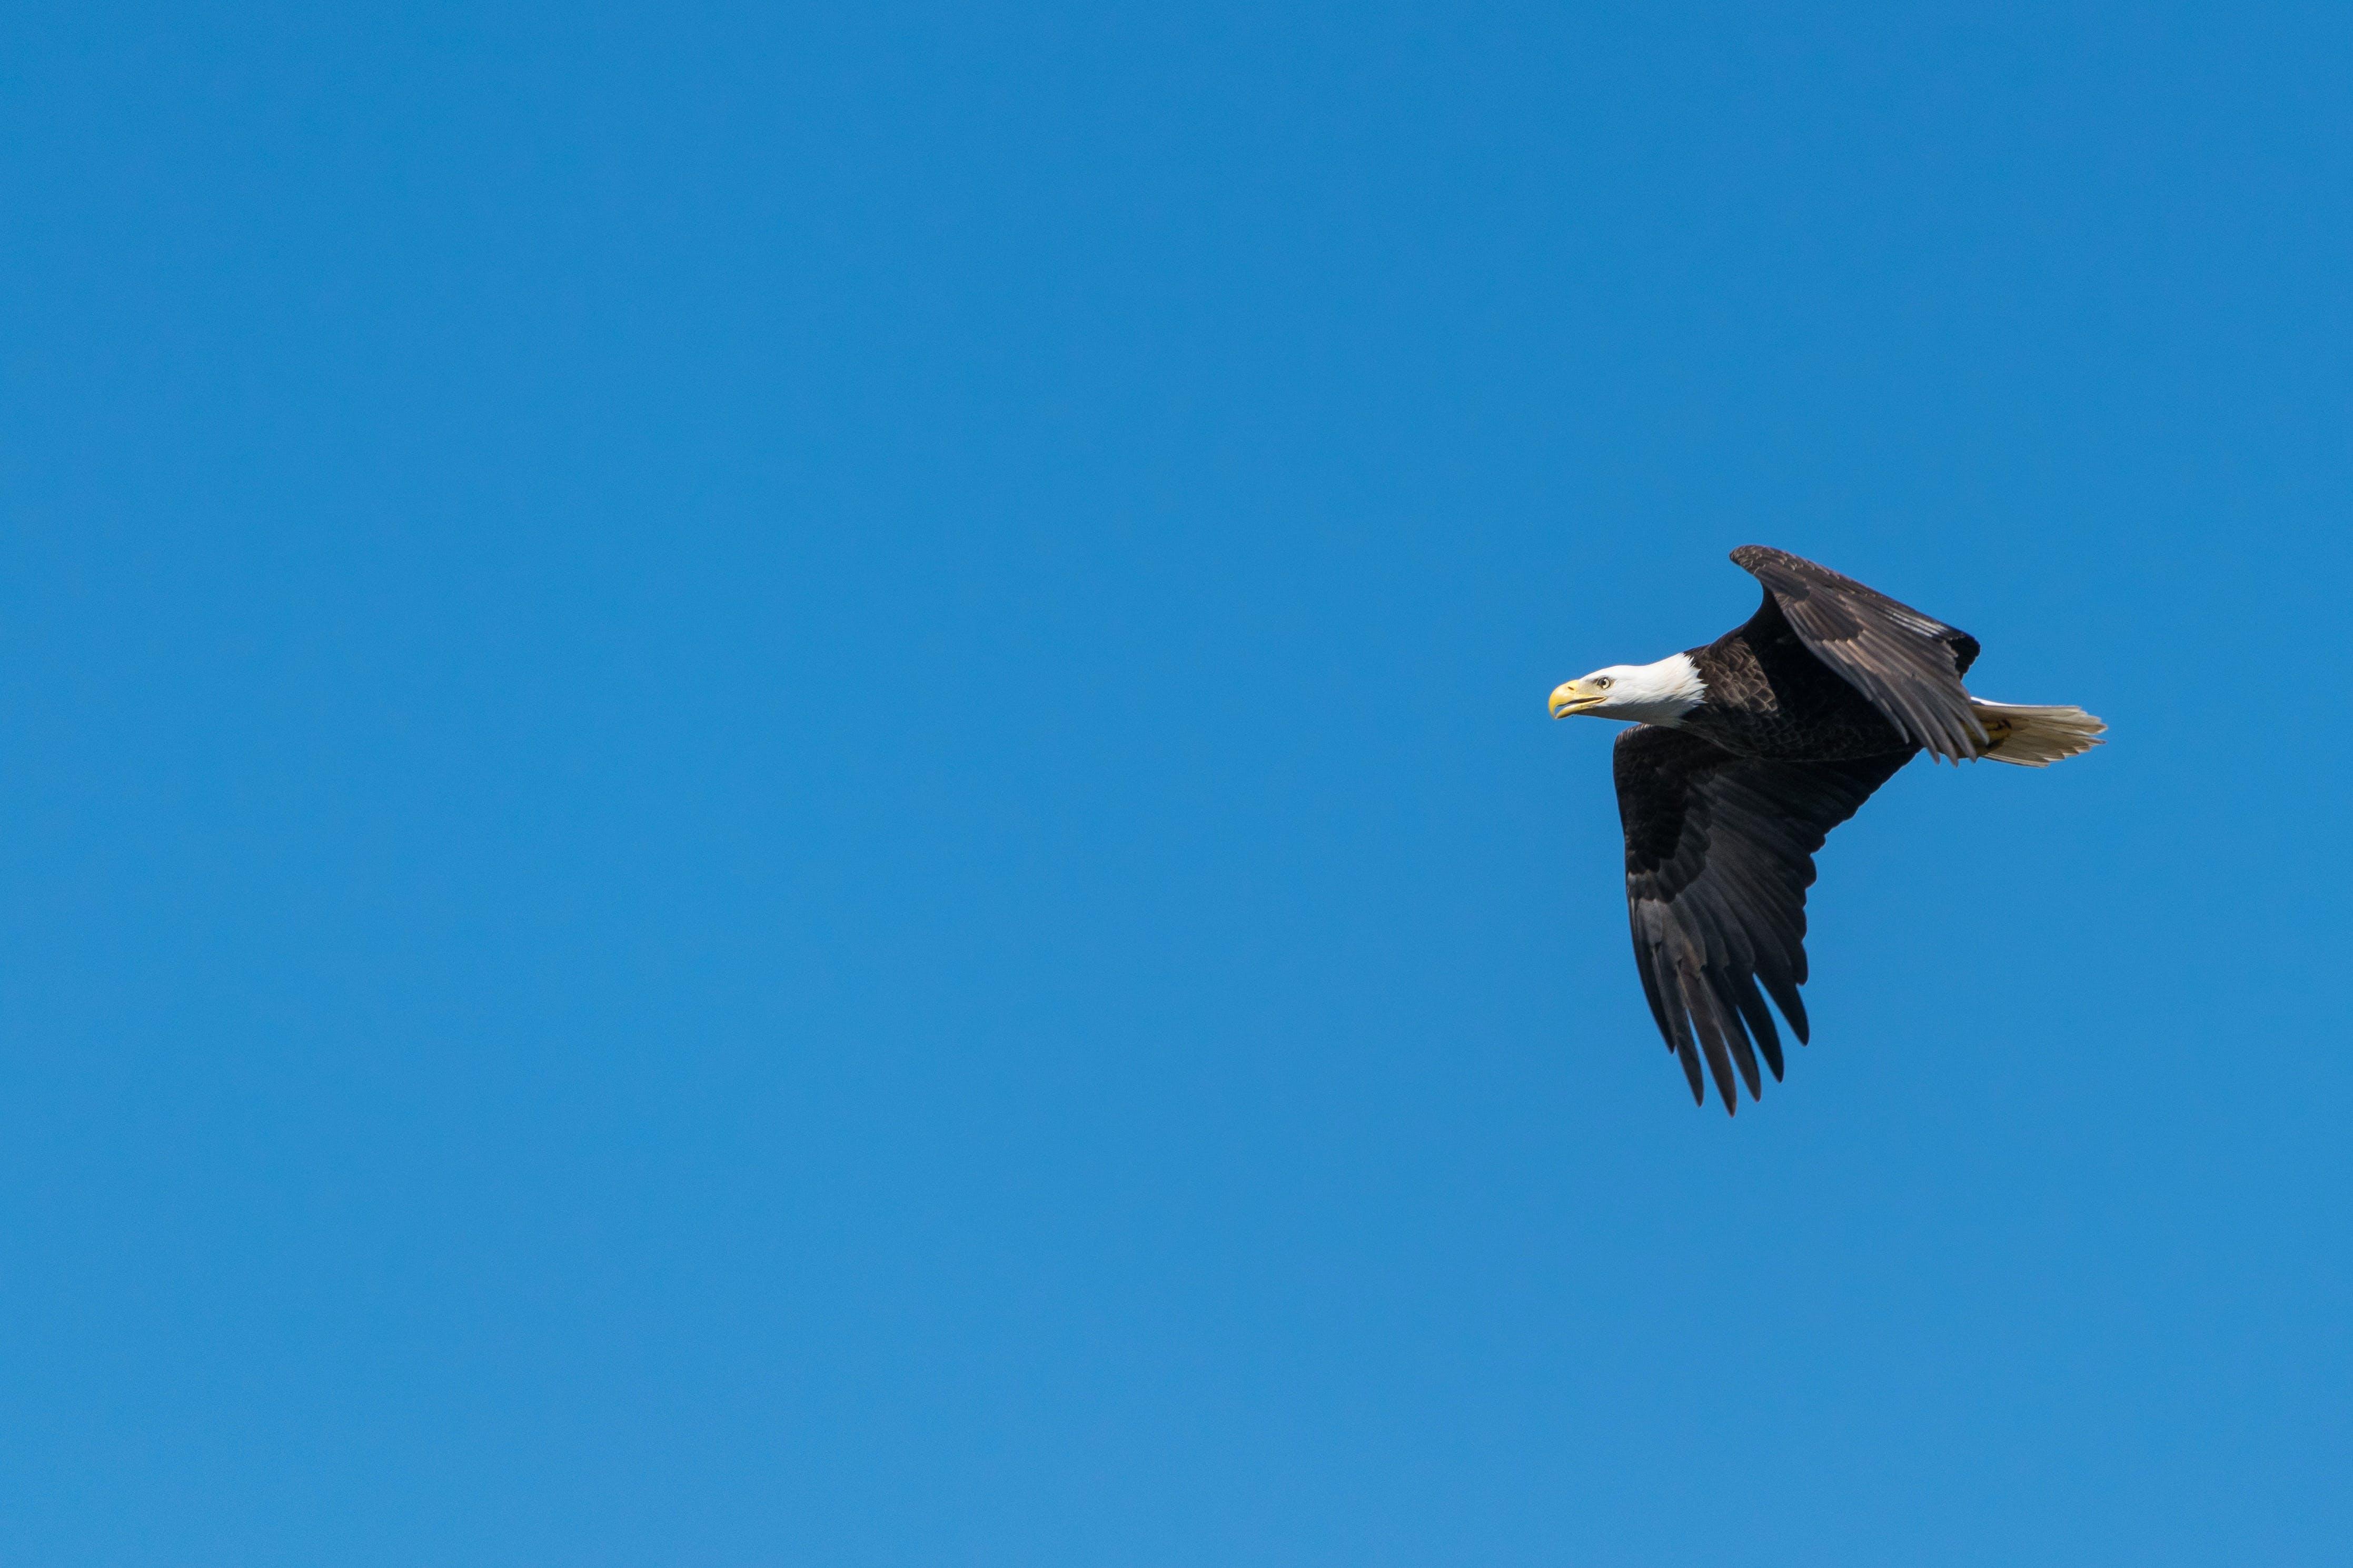 Bald Eagle Flying Under Blue Sky during Daytime